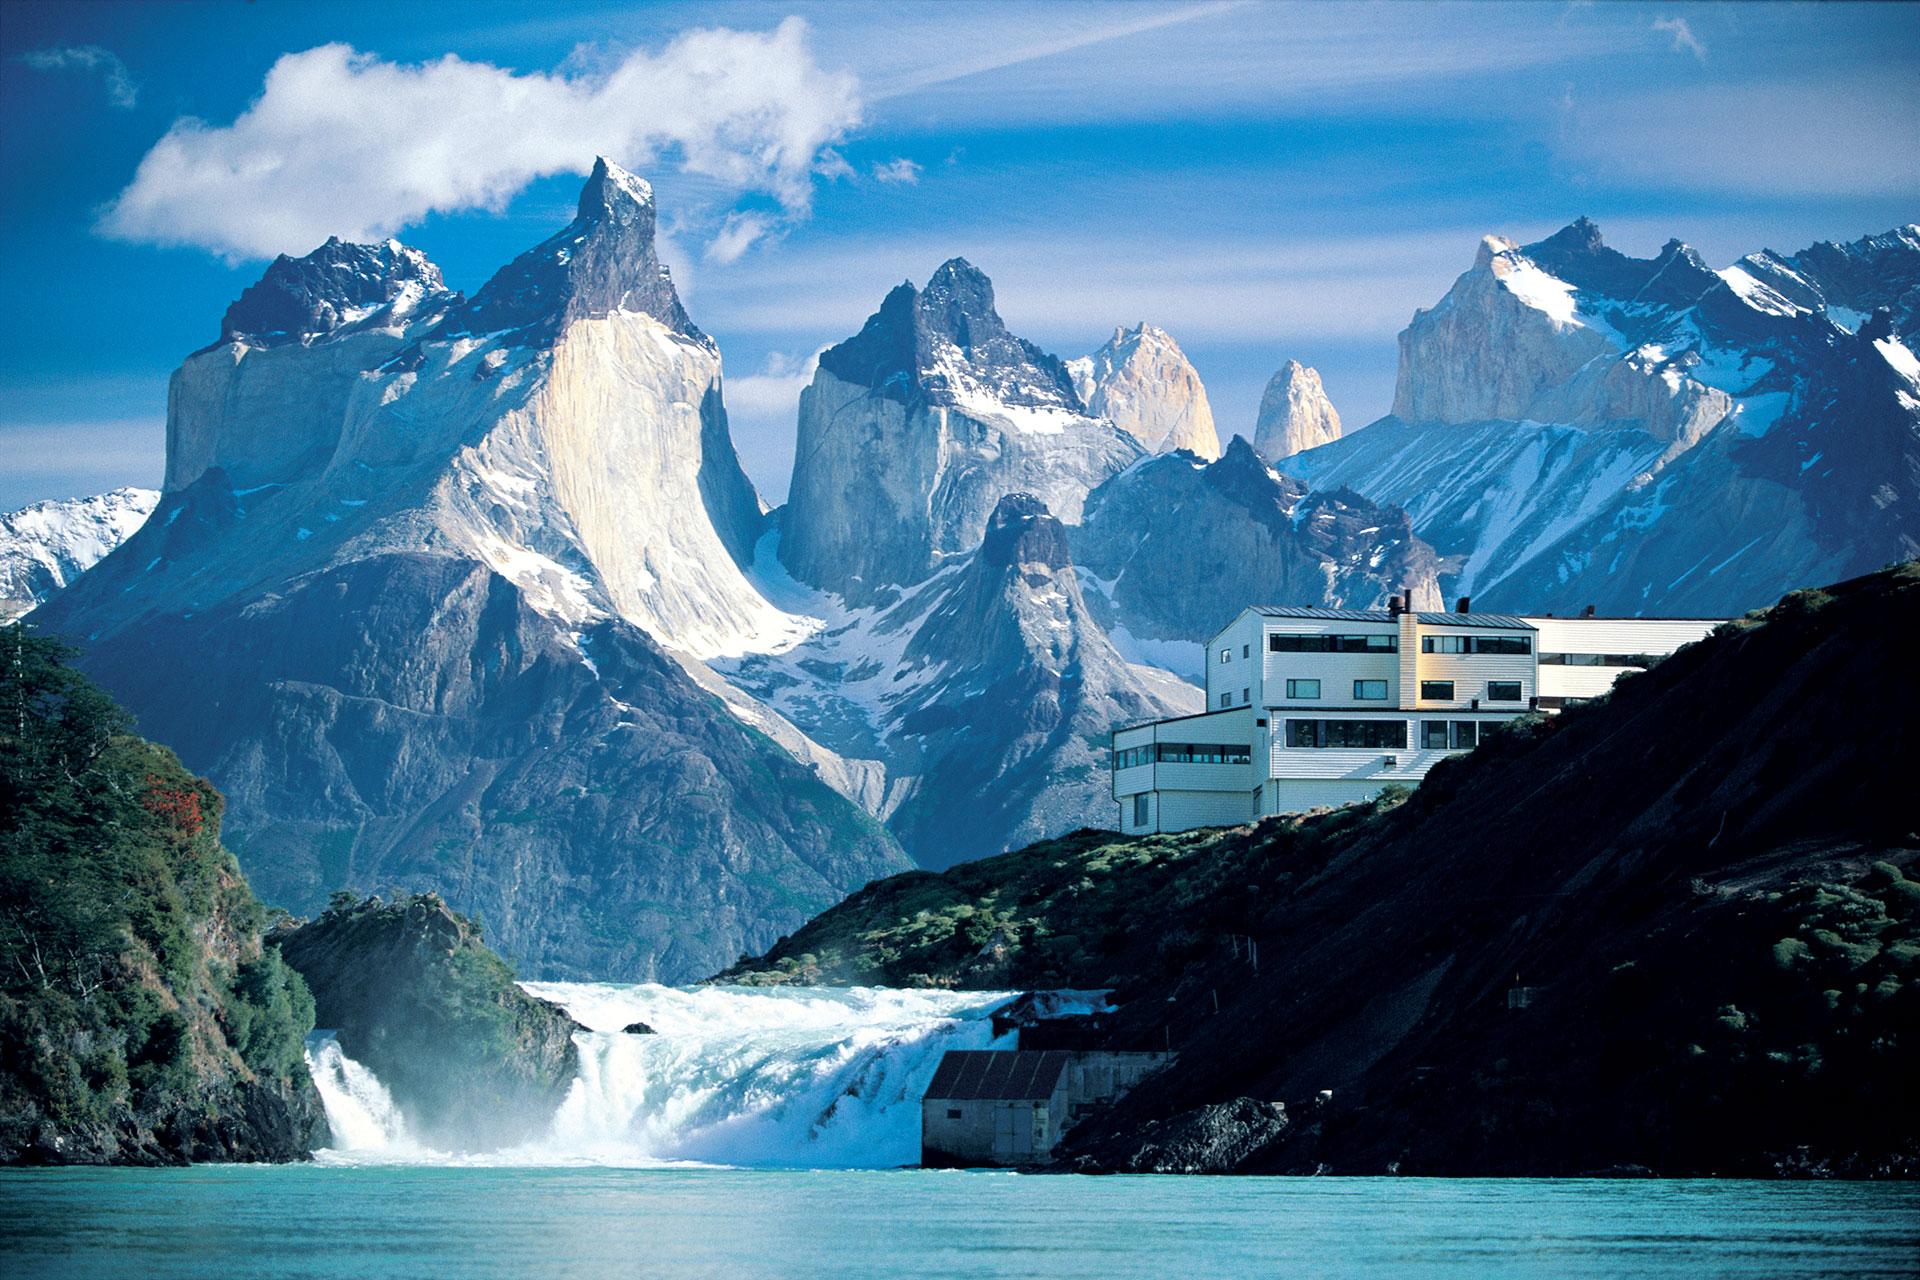 Explora Patagonia - boutique hotel in Torres del Paine